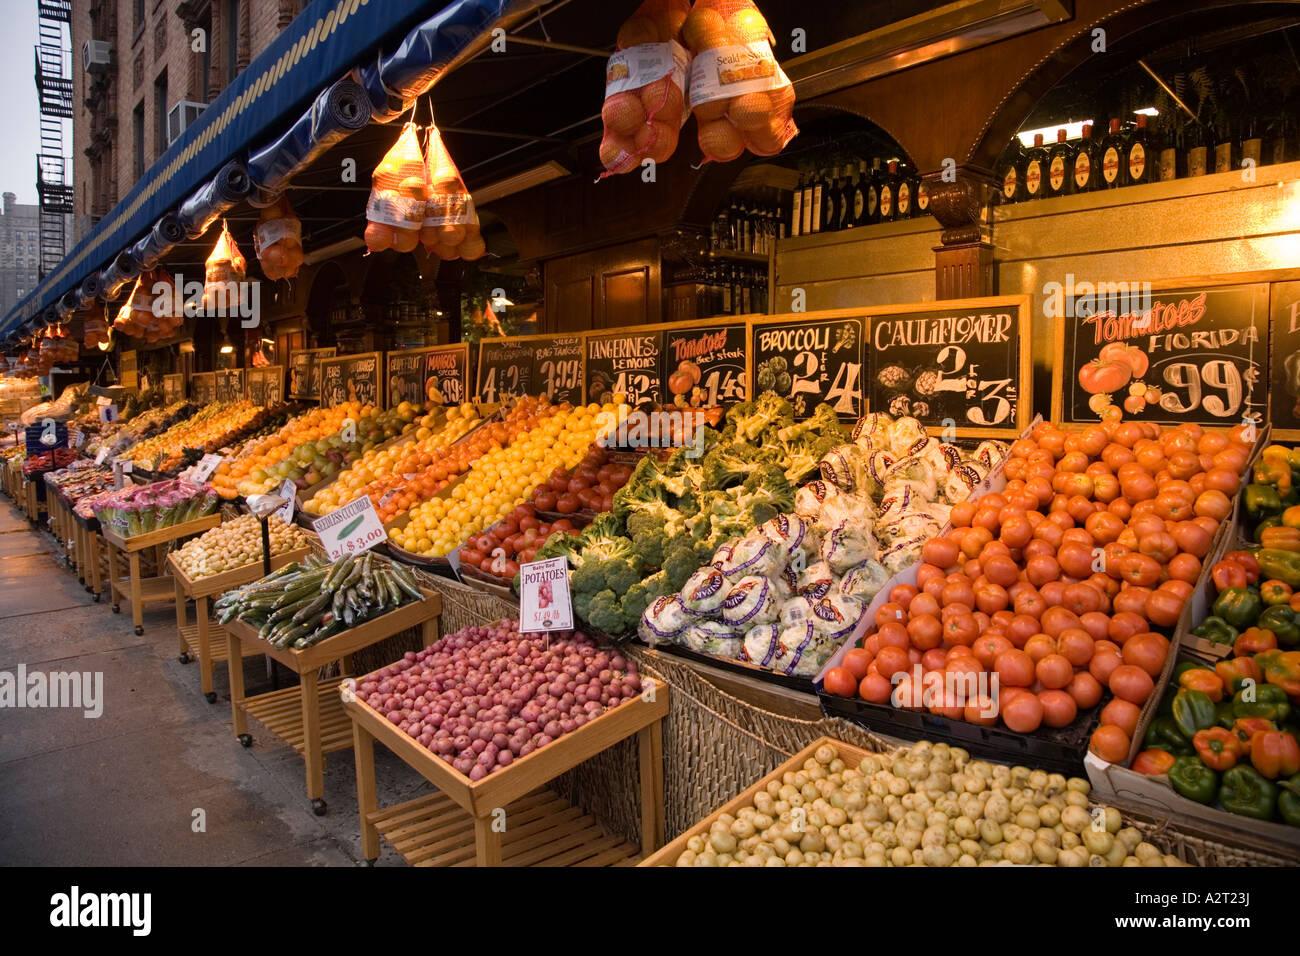 Garden of eden grocery shop broadway upper west side new for T mobile upper west side